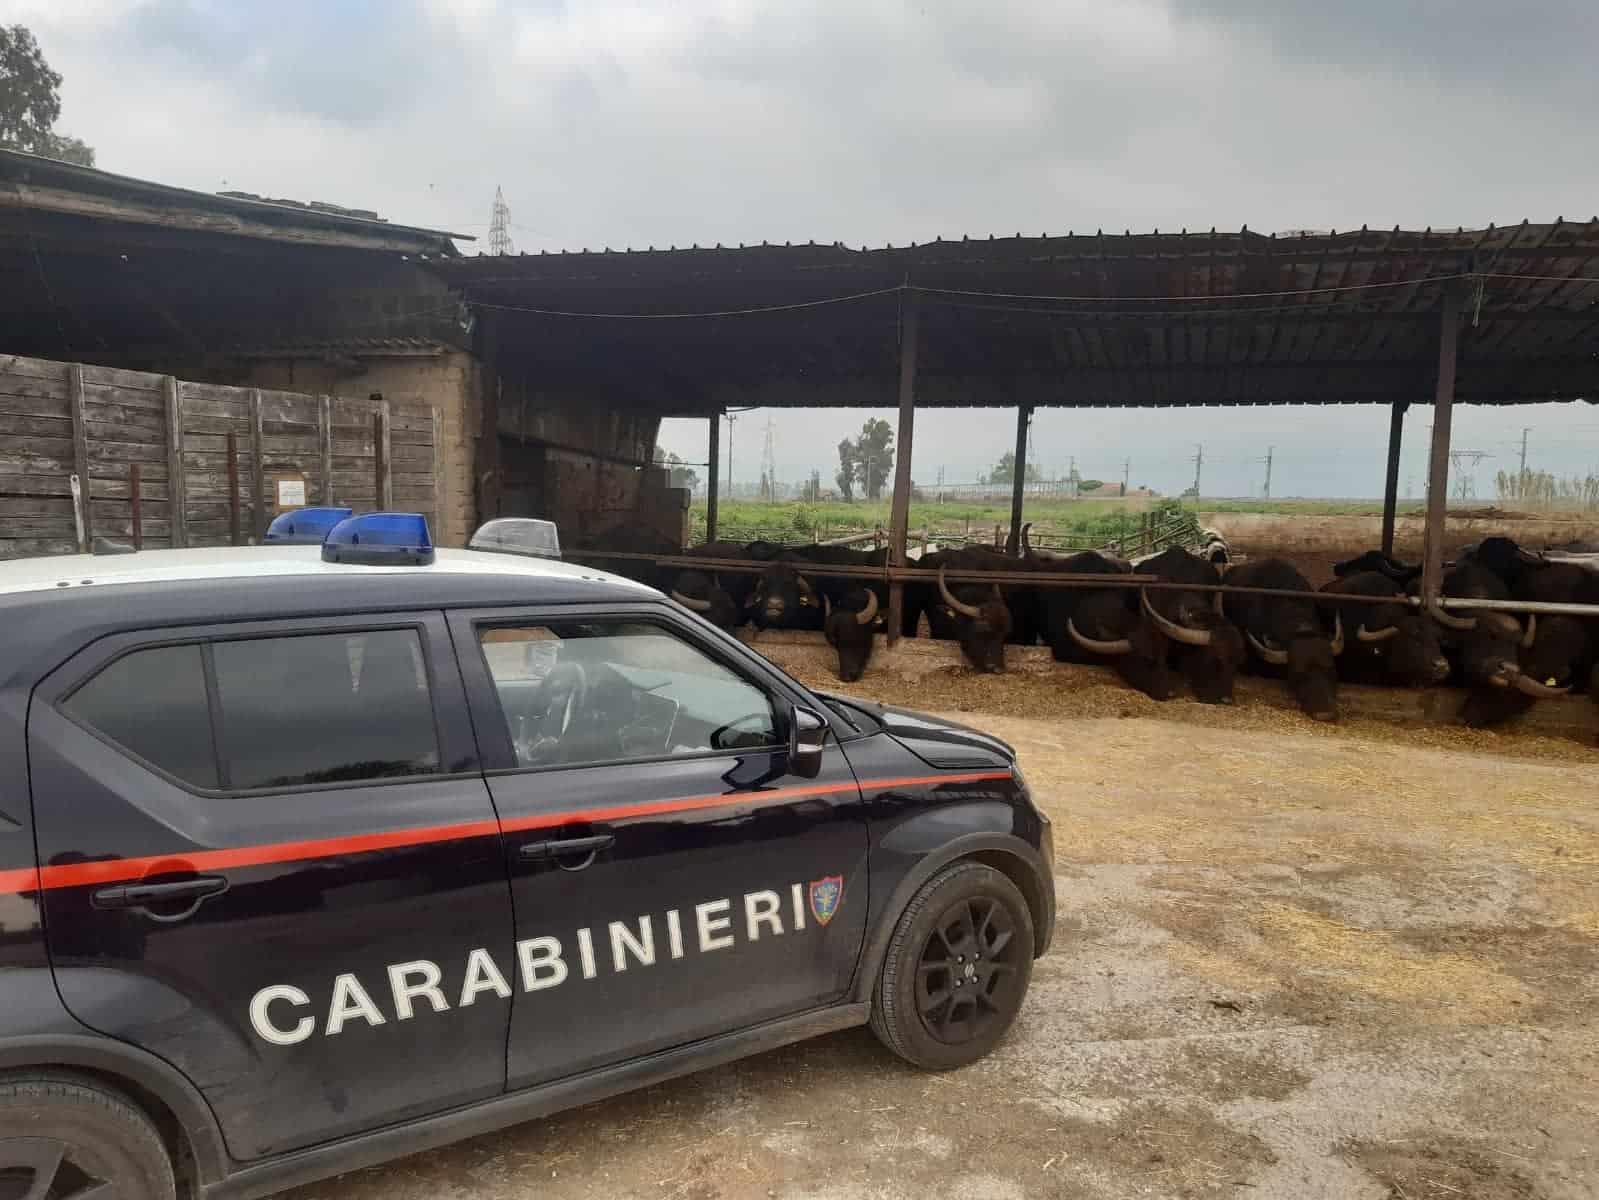 informare-Carabinieri-forestale-sequestrato-compleso-aziendale-bufalino